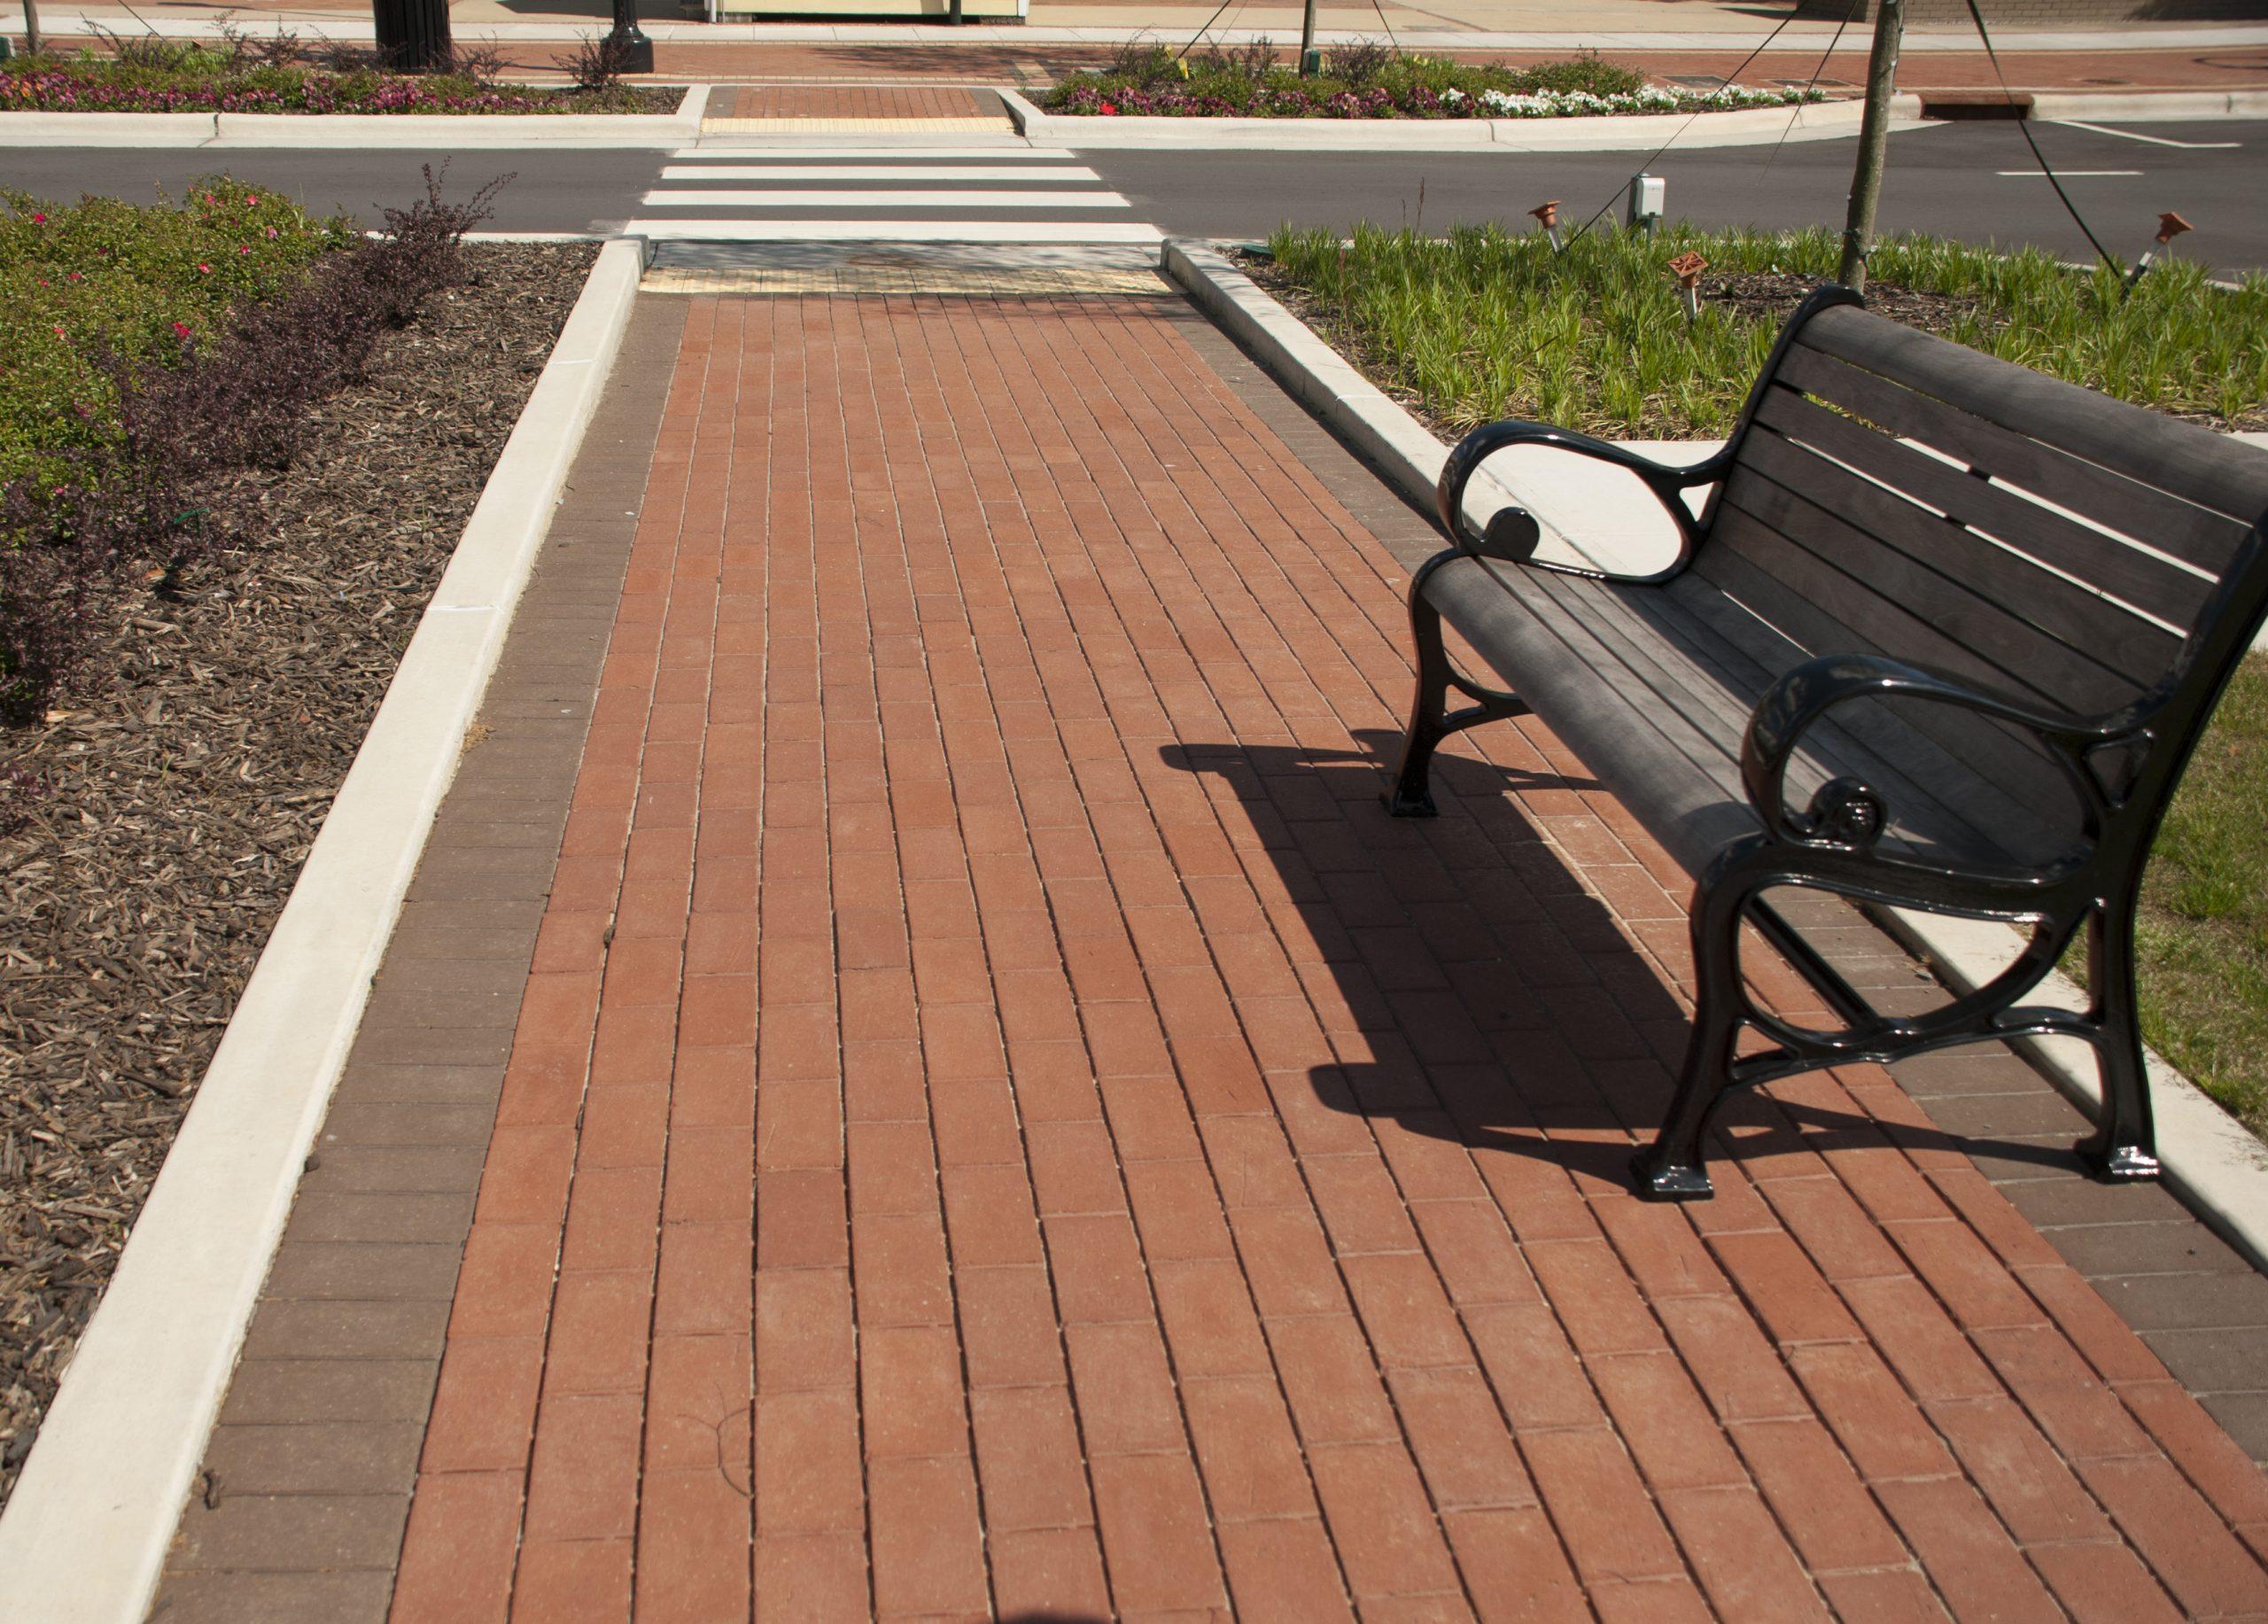 Sidewalk w bench